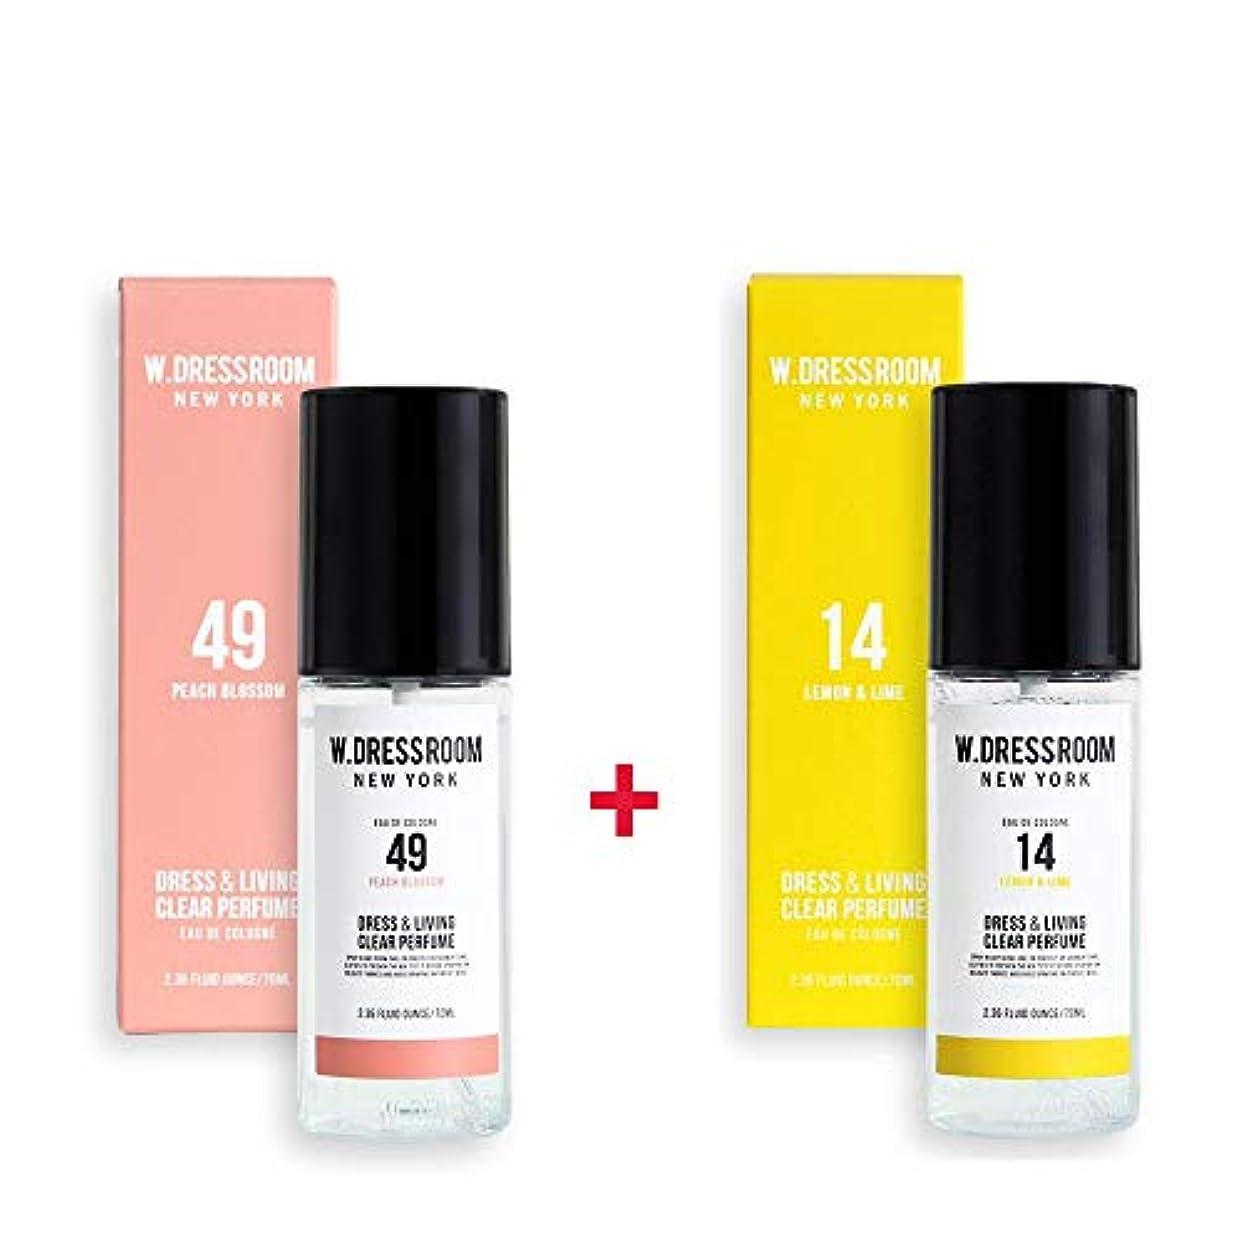 ポーチ領事館除外するW.DRESSROOM Dress & Living Clear Perfume 70ml (No 49 Peach Blossom)+(No 14 Lemon & Lime)